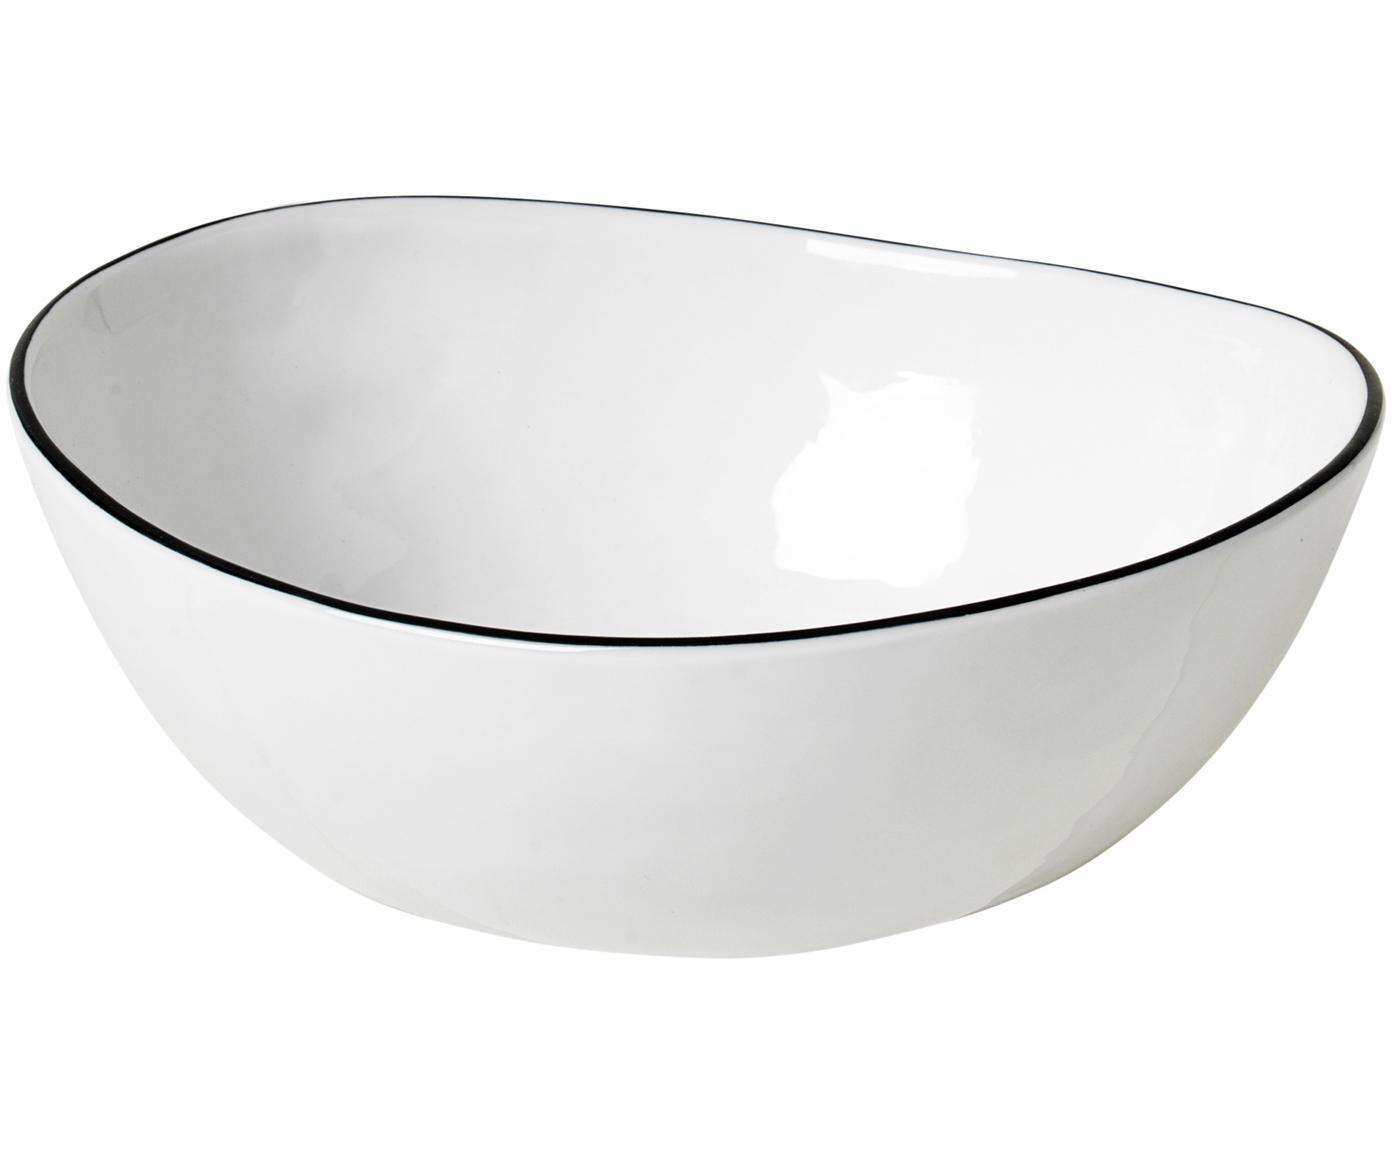 Handgemachte Schälchen Salt mit schwarzem Rand, 4 Stück, Porzellan, Gebrochenes Weiß, Schwarz, B 17 x T 15 cm